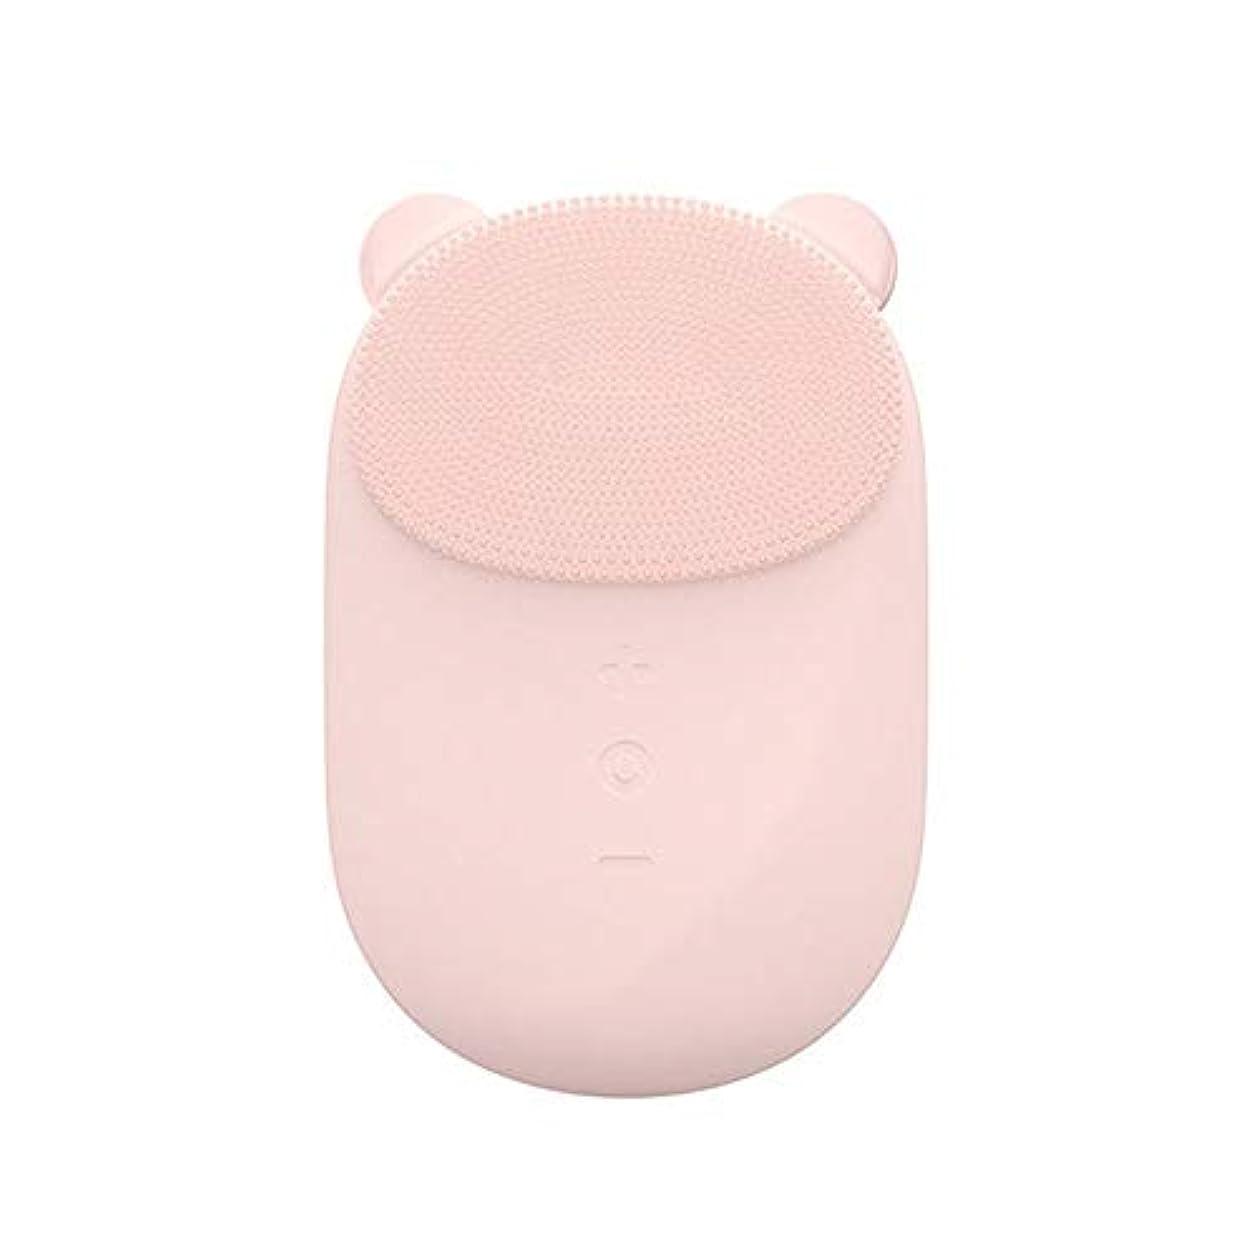 経験者サーマル悪因子洗顔ブラシ すべての肌のアンチエイジングフェイシャル剥離のためのフェイシャルクレンジングブラシフェース振動マッサージャー充電式ディープクリーニング ディープクレンジングスキンケア用 (色 : ピンク, サイズ : 10.6...